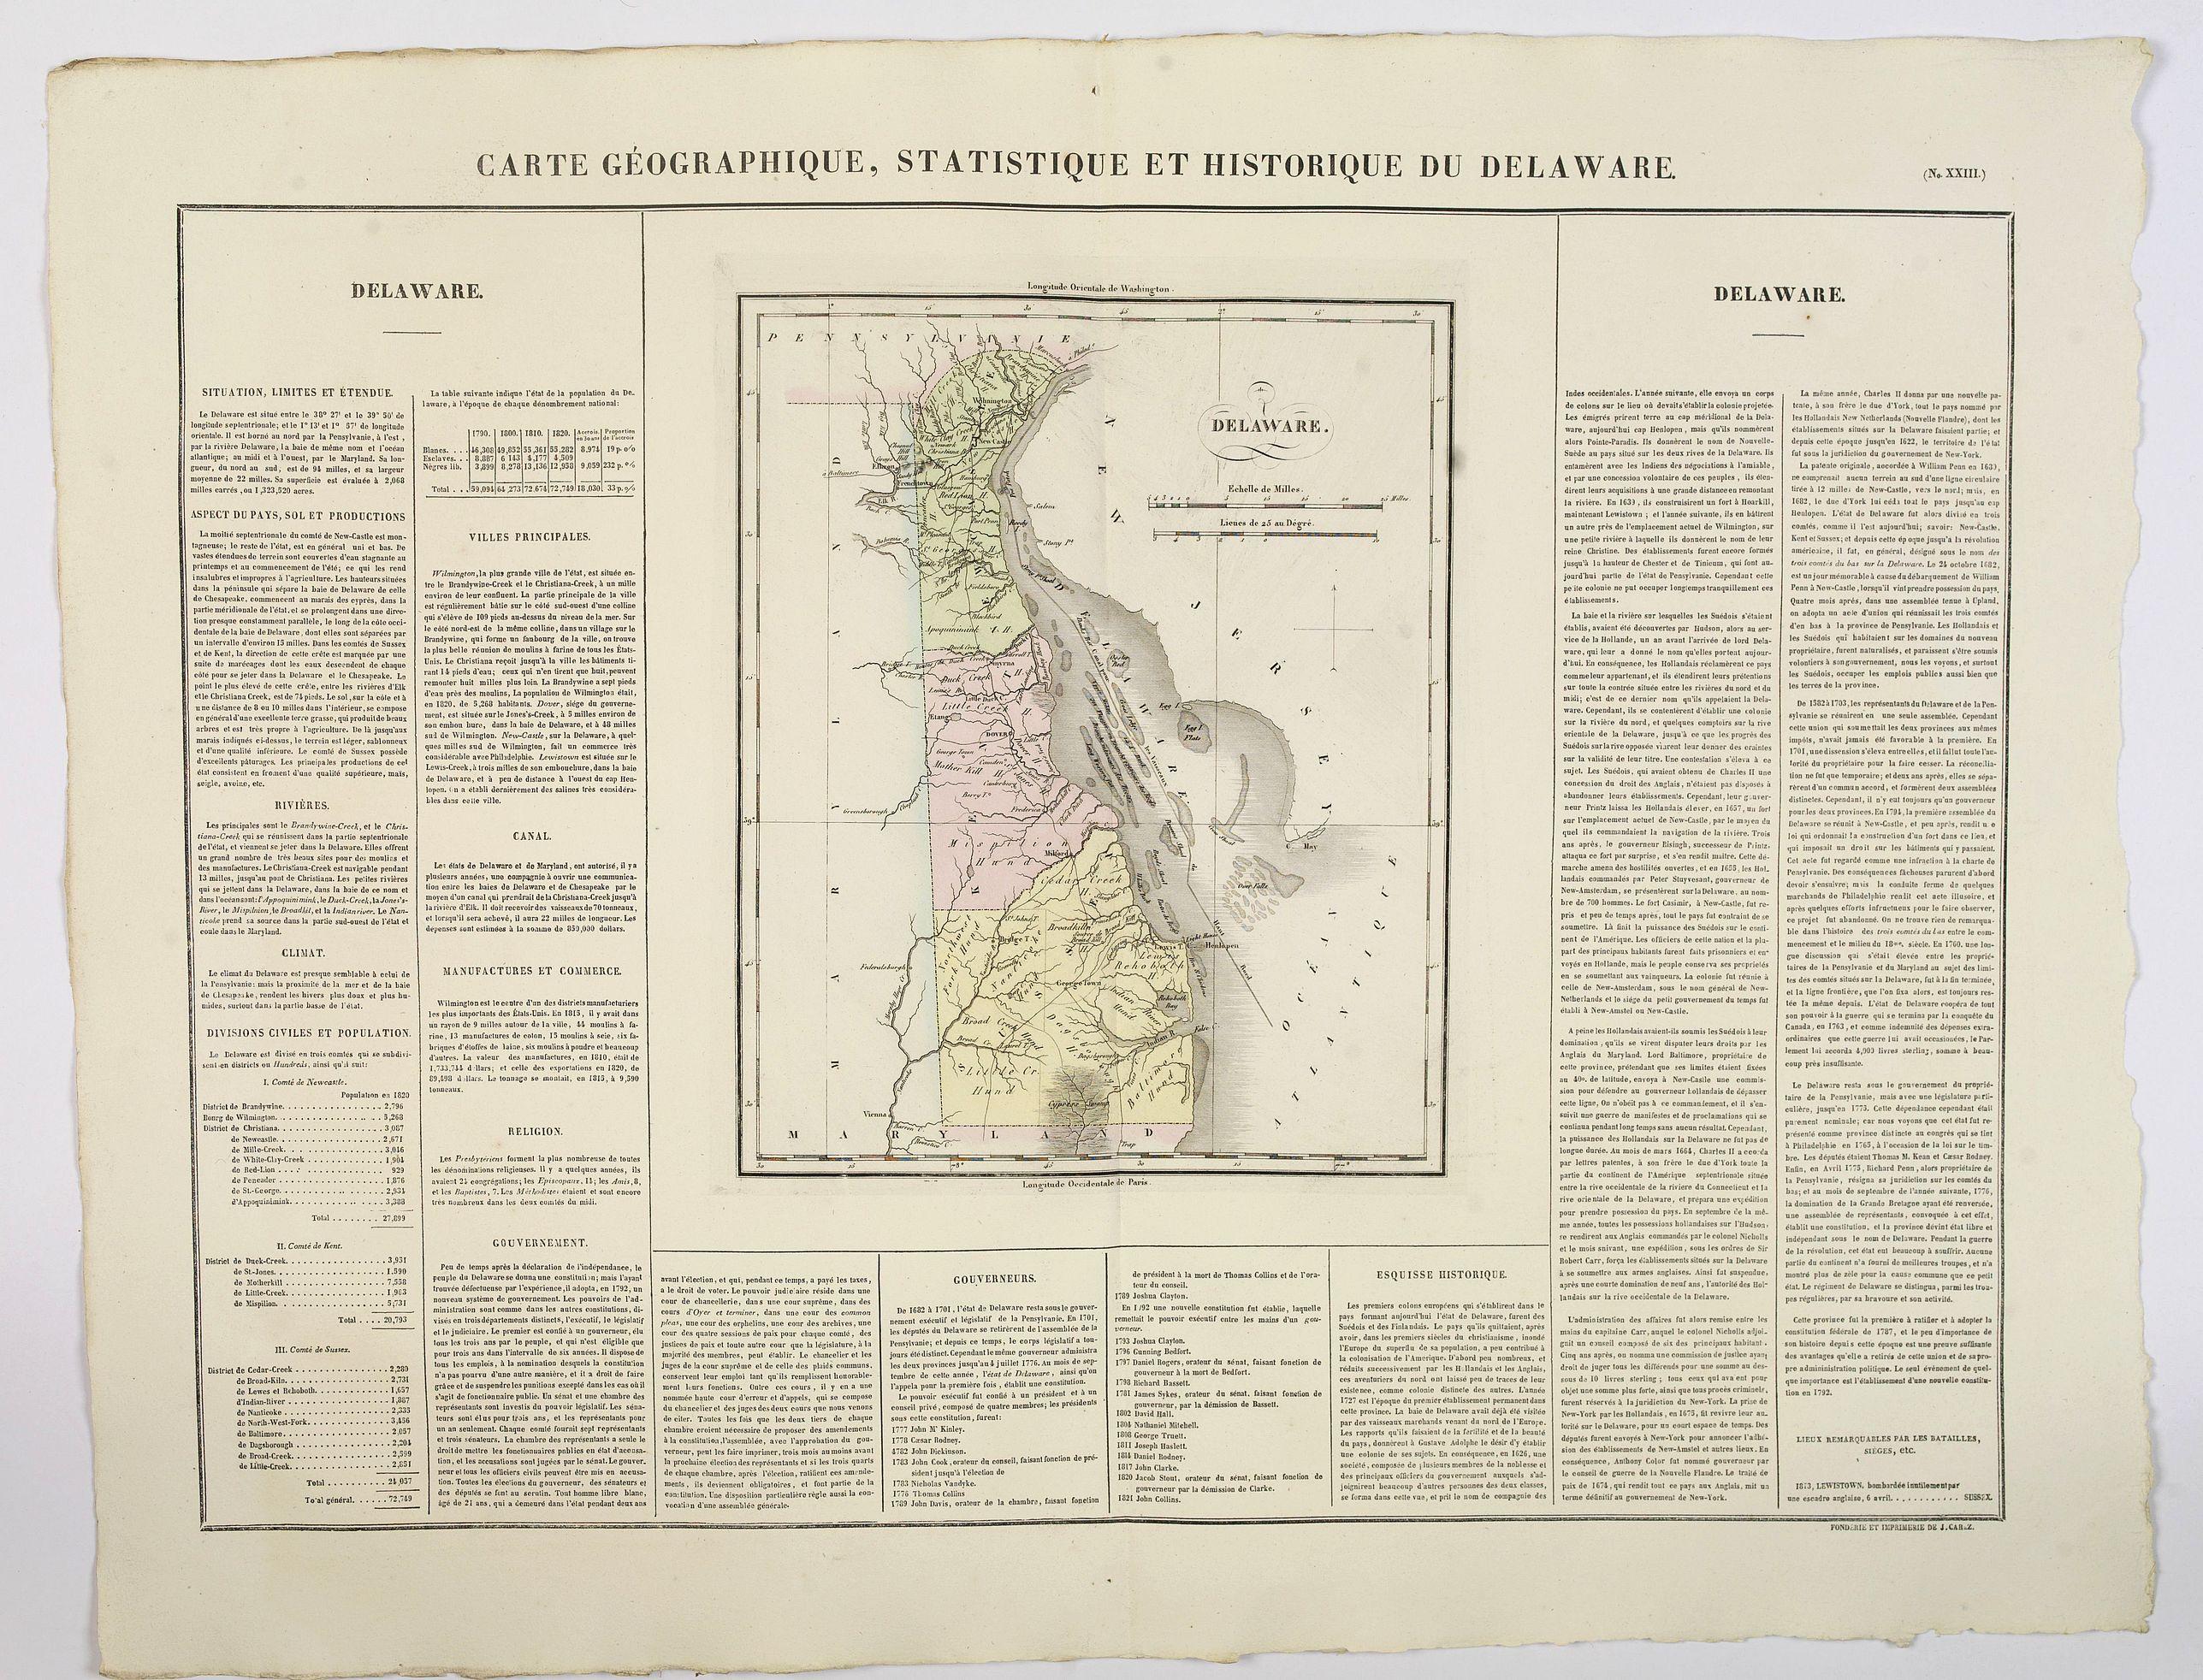 BUCHON, J.A. -  Carte Geographique, Statistique et Historique du Delaware.